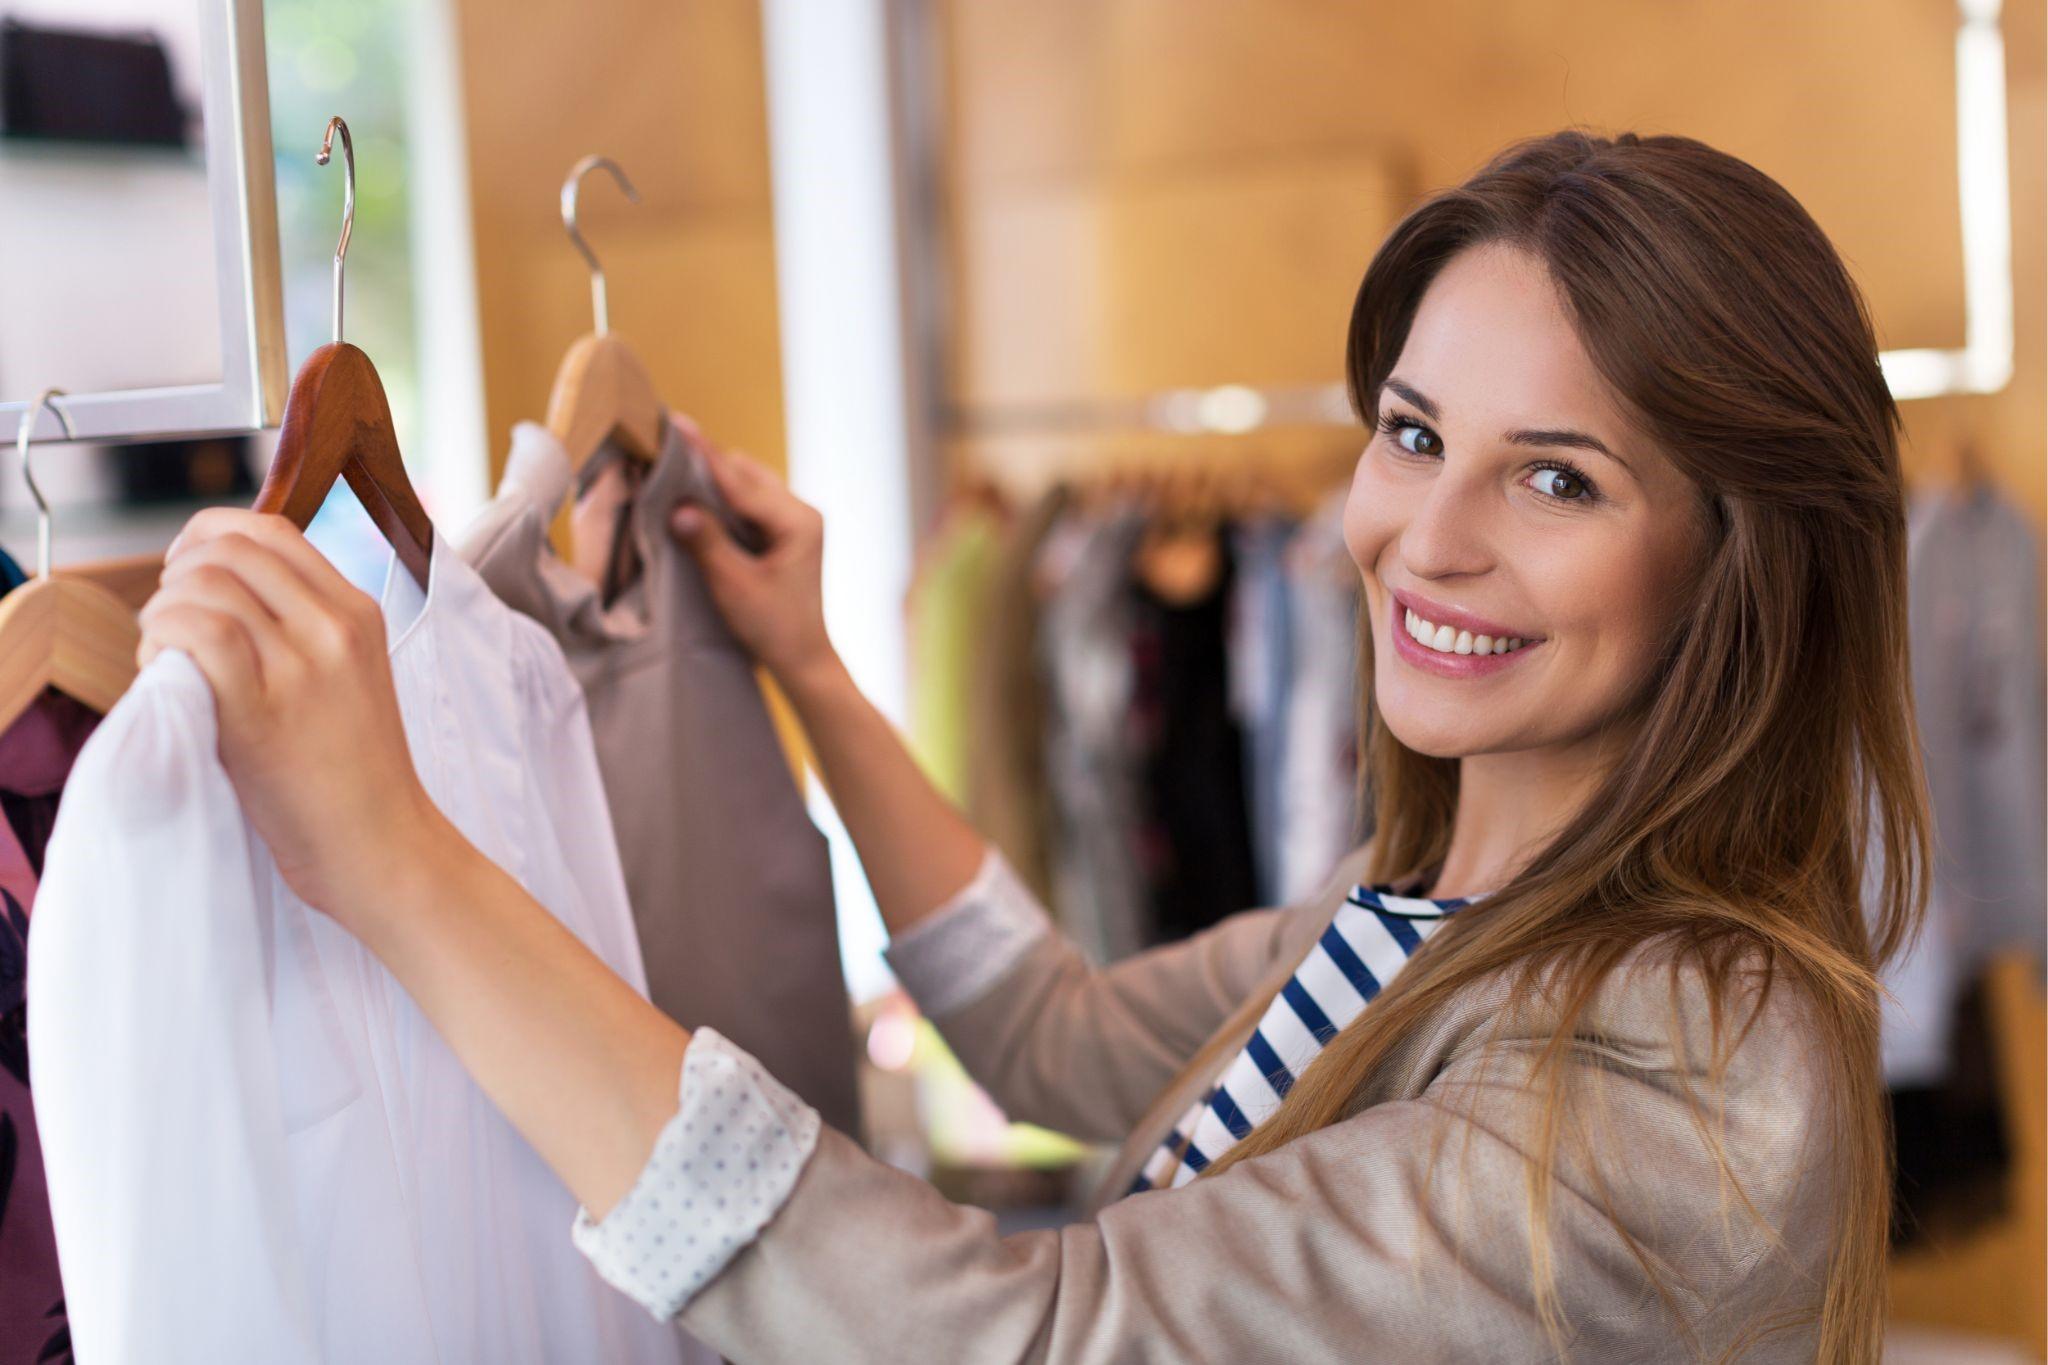 アパレル店員に同じ服はNG?洋服の購入周期や着用サイクルについて